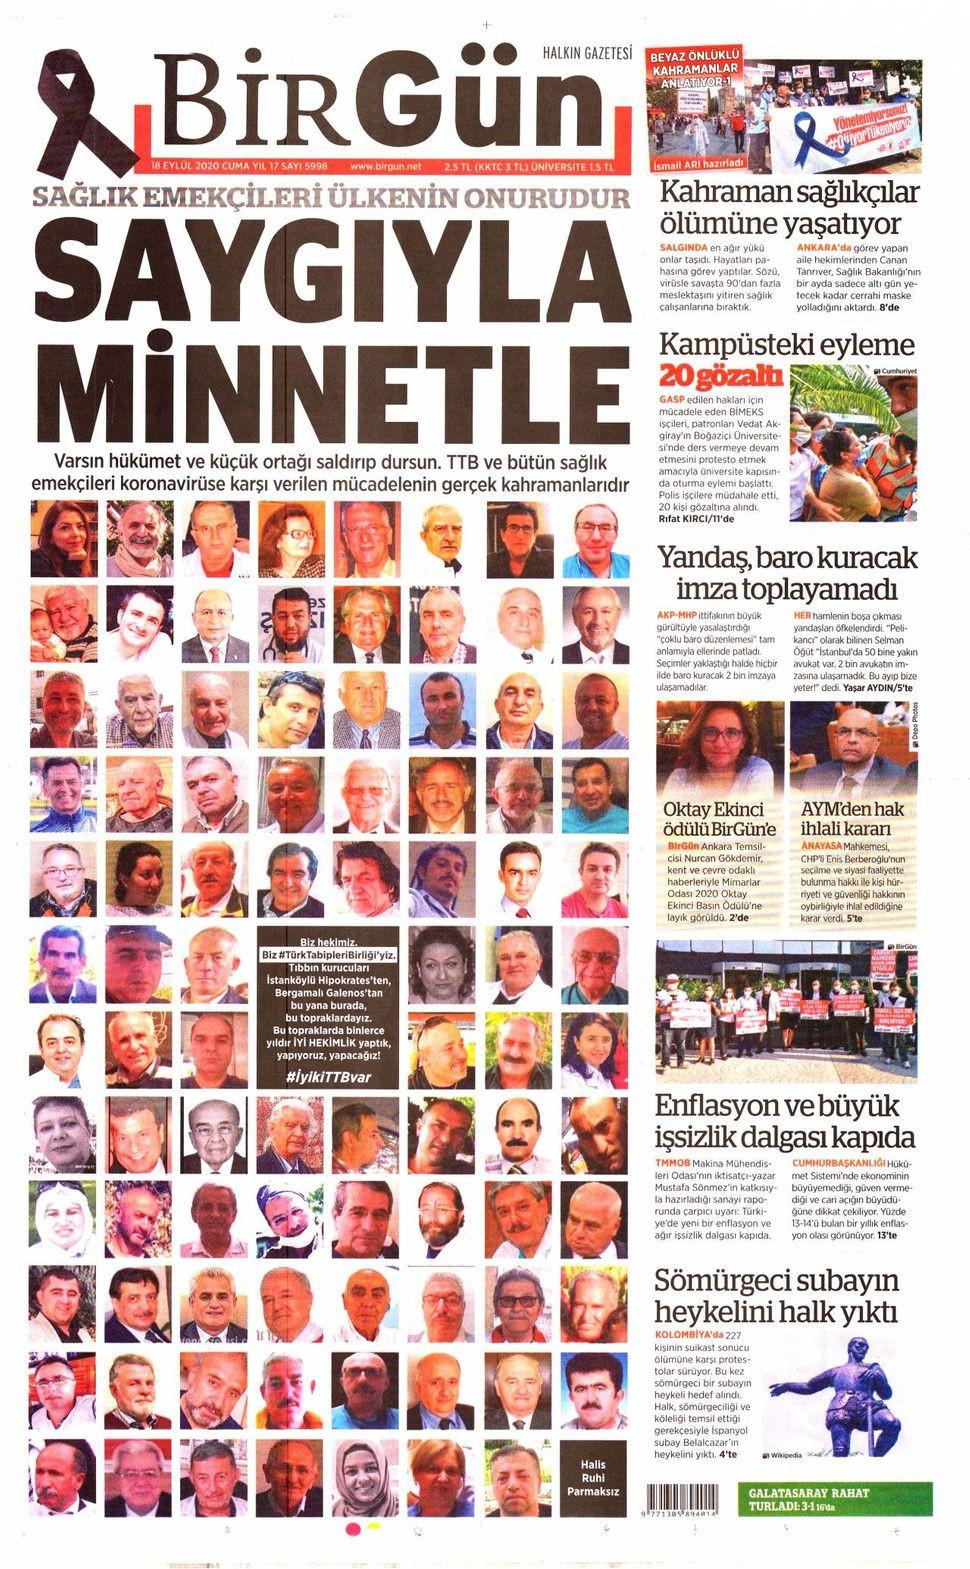 18 Eylül 2020 Cuma gazete manşetleri! - Sayfa 4